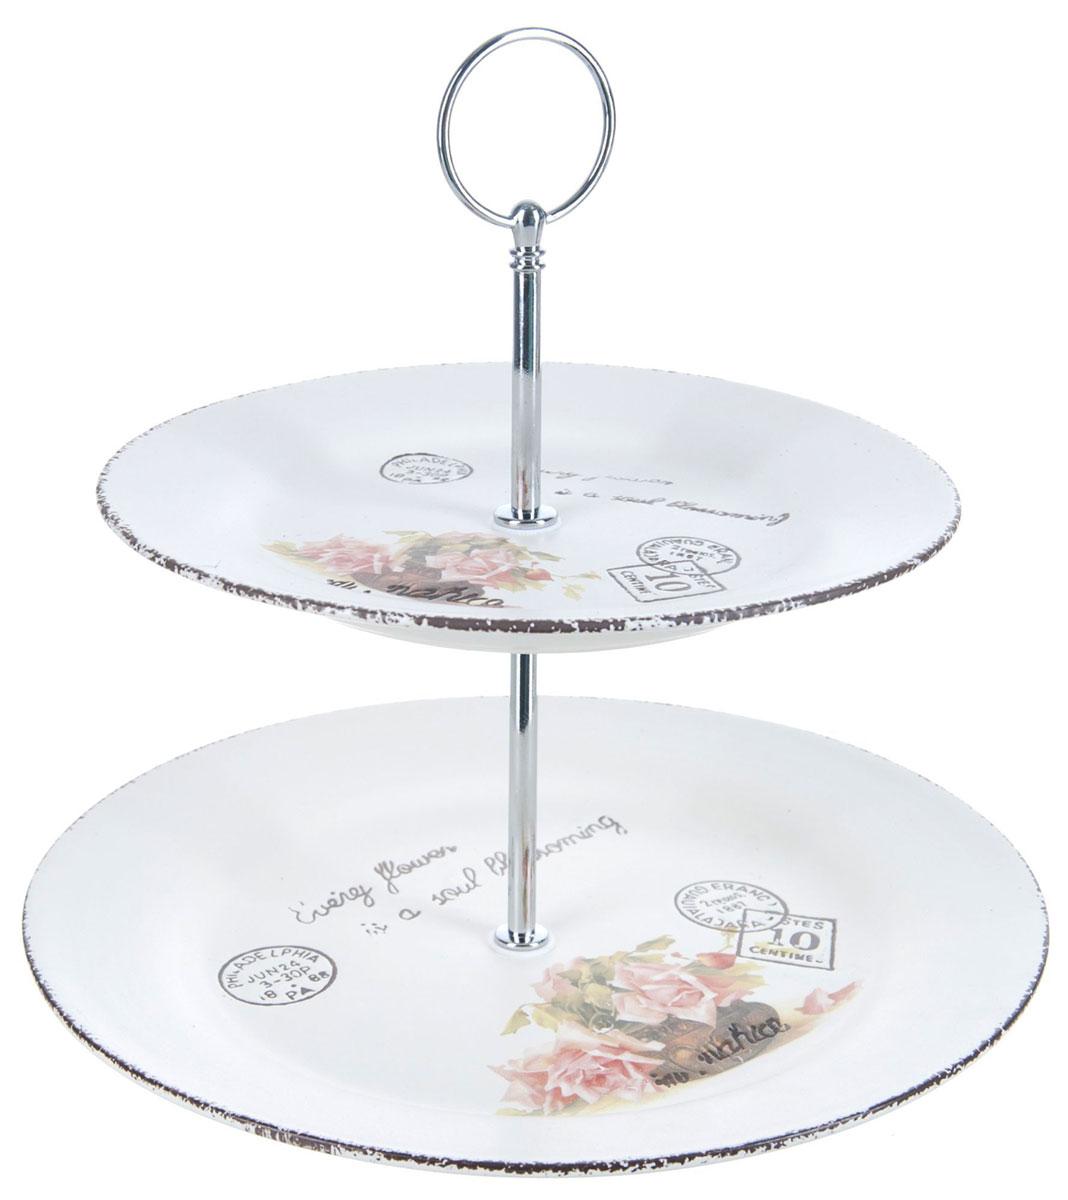 Ваза для фруктов ENS Group Чайная роза, двухъярусная. 17501661750166Двухъярусная ваза ENS Group Чайная роза, выполненная из доломитовой керамики, сочетает в себе изысканный дизайн с максимальной функциональностью. Блюда вазы украшены цветочным рисунком. Изделие предназначено для красивой сервировки фруктов. Такая ваза для фруктов придется по вкусу и ценителям классики, и тем, кто предпочитает утонченность и изящность.Ваза для фруктов украсит сервировку вашего стола и подчеркнет прекрасный вкус хозяина, а также станет отличным подарком.